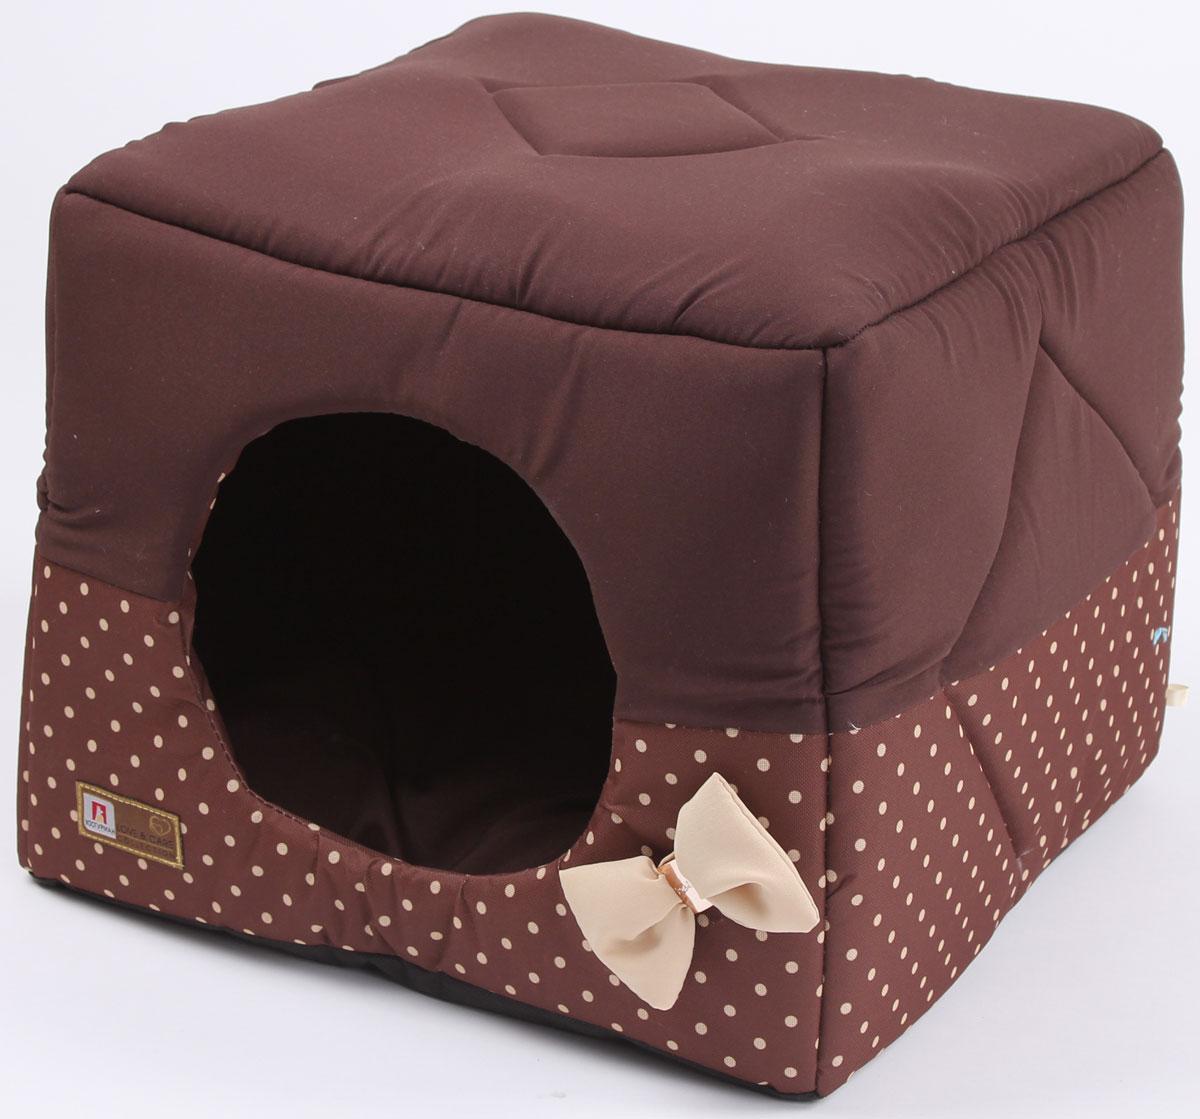 Лежак для собак и кошек Зоогурман Домосед, цвет: шоколадный, бежевый горох, 45 х 45 х 45 см0120710Оригинальный и мягкий лежак для кошек и собак Зоогурман Домосед обязательно понравится вашемупитомцу. Лежак выполнен из приятного материала. Уникальная конструкция лежака имеет два варианта использования: - лежанка, с высокими бортиками и мягкой внутренней подушкой, - закрытый домик с мягкой подушкой внутри.Универсальный лежак-трансформер непременно понравится вашему питомцу, подарит ему ощущение уюта и комфорта. В комплекте со съемной подушкой мягкая игрушка косточка.За изделием легко ухаживать, можно стирать вручную или в стиральной машинепри температуре 40°С. Материал: микроволоконная шерстяная ткань.Наполнитель: гипоаллергенное синтетическое волокно. Наполнитель матрасика: шерсть. Размер: 45 х 45 х 45 см. Размер лежанки: 45 х 20 х 45 см.